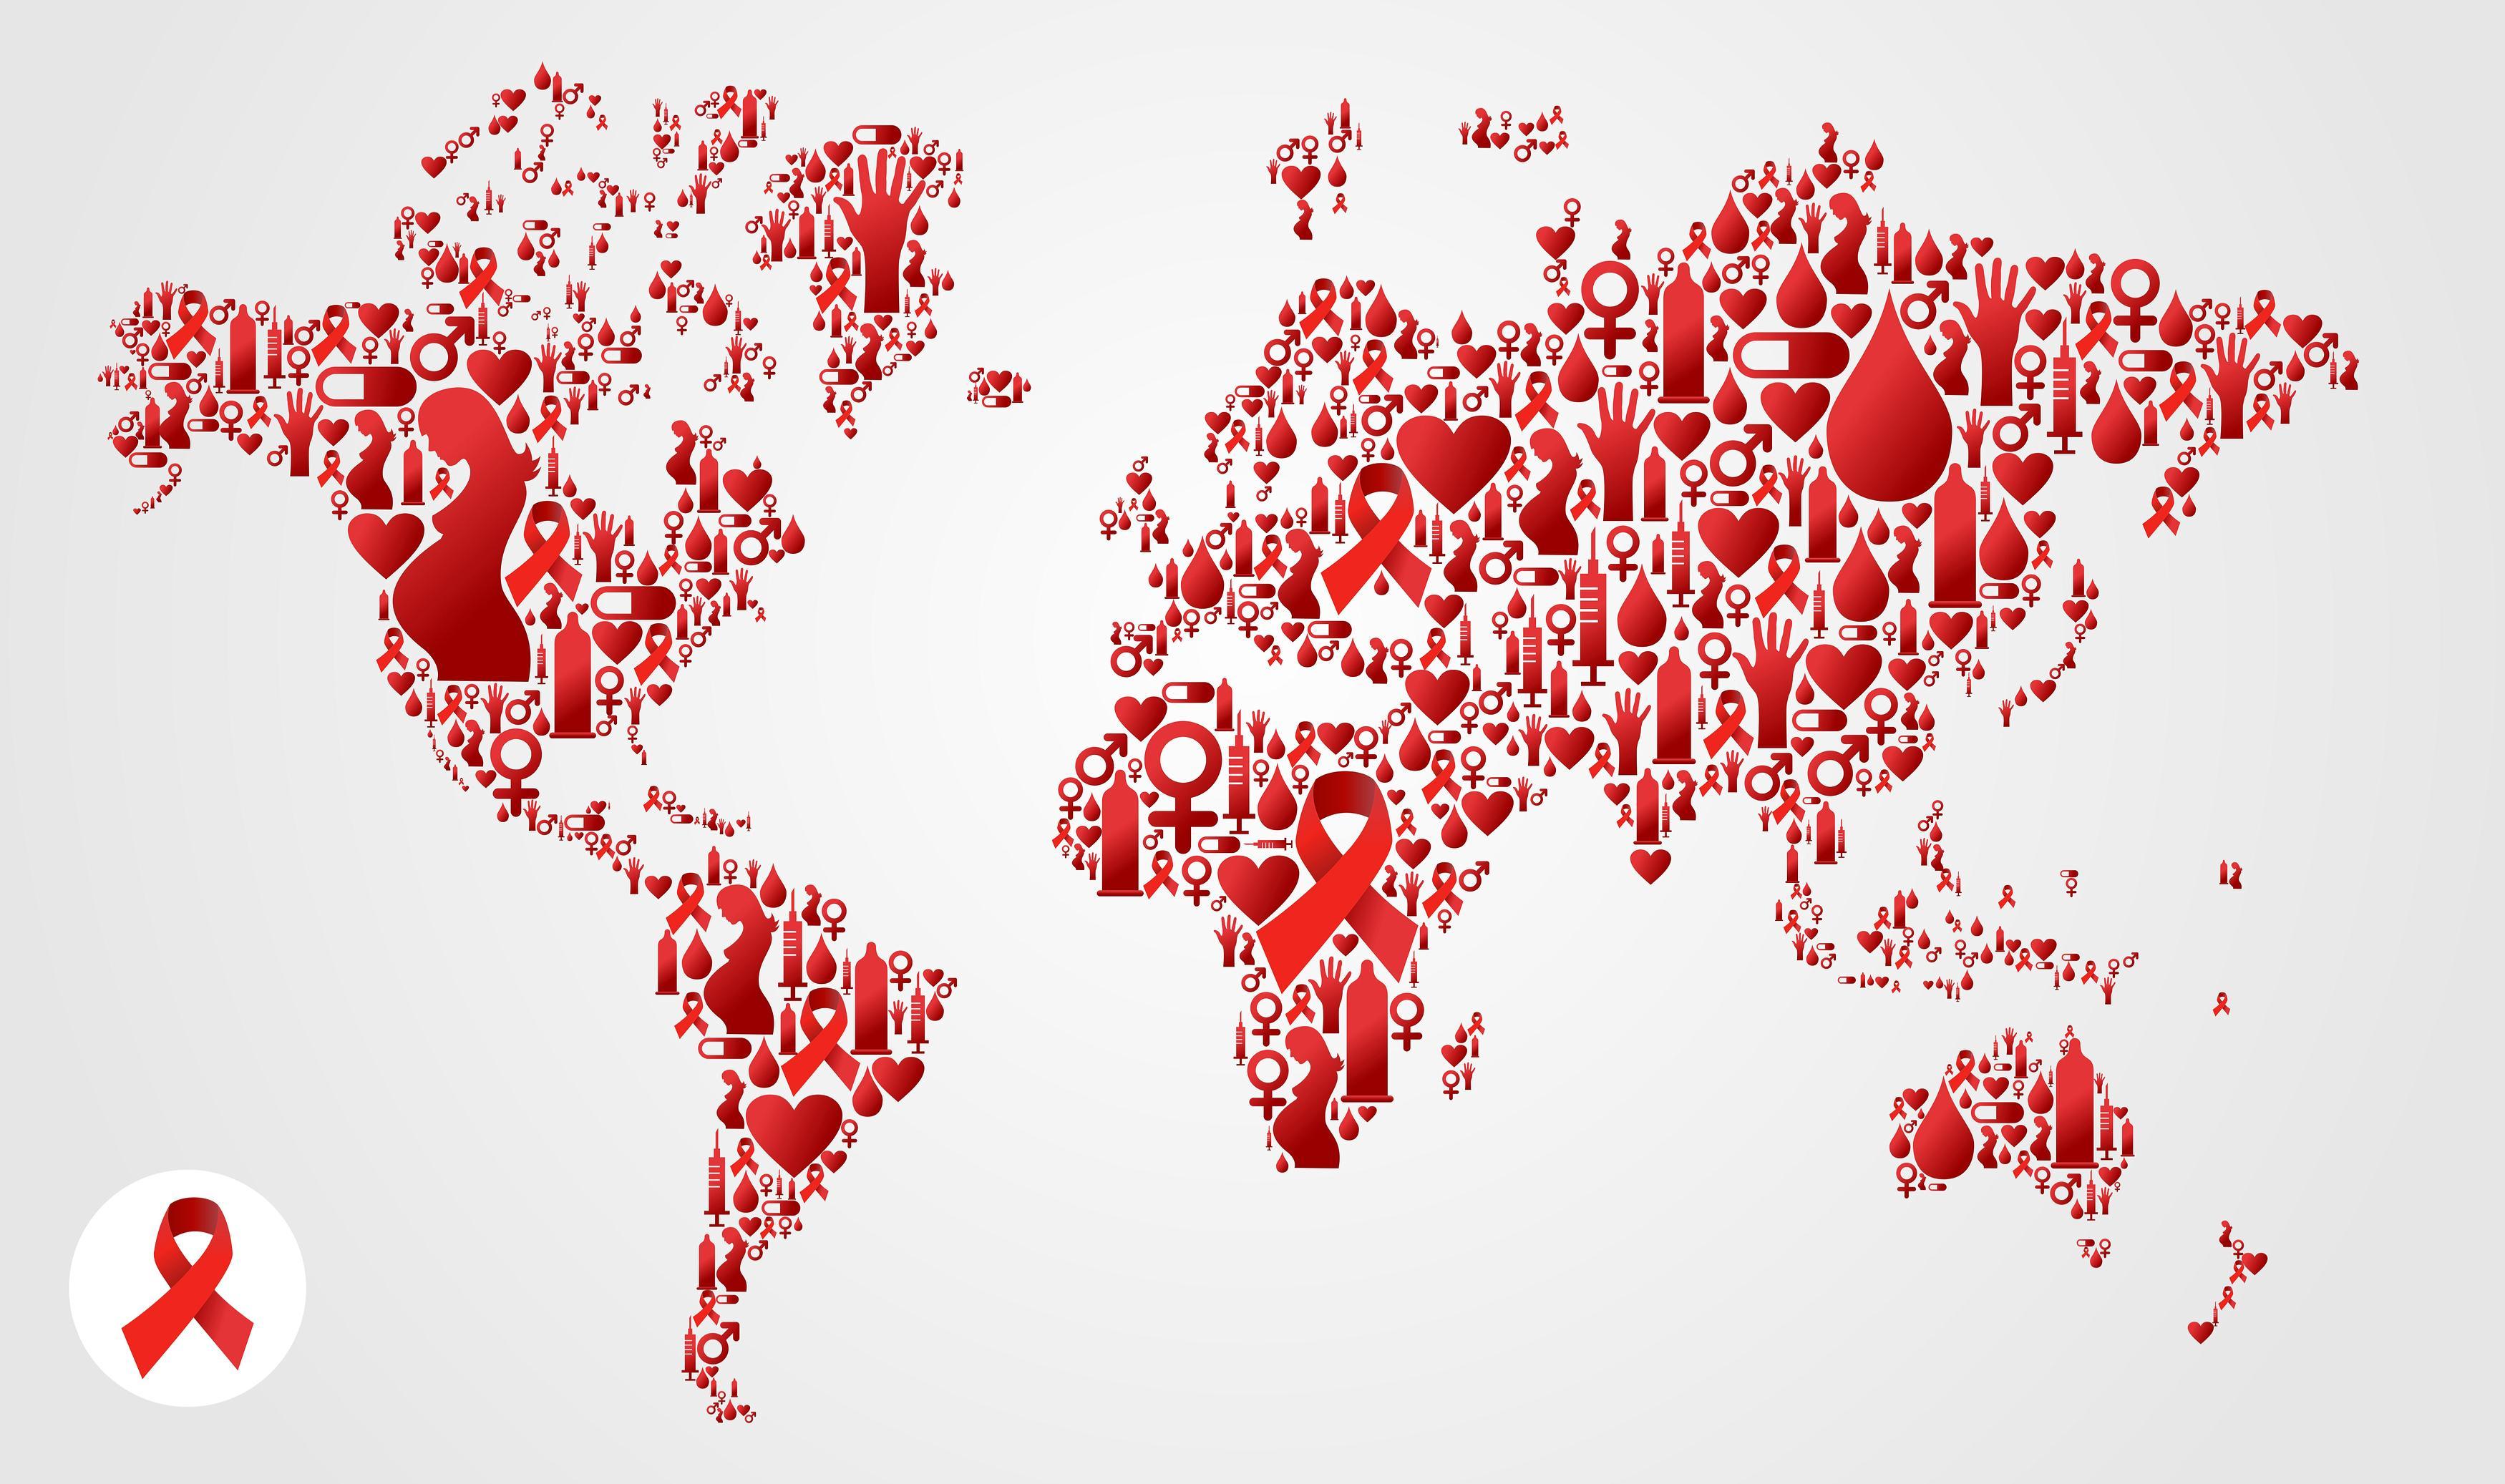 Успеть за 10 лет. Сможет ли человечество остановить эпидемию ВИЧ к 2030 году?